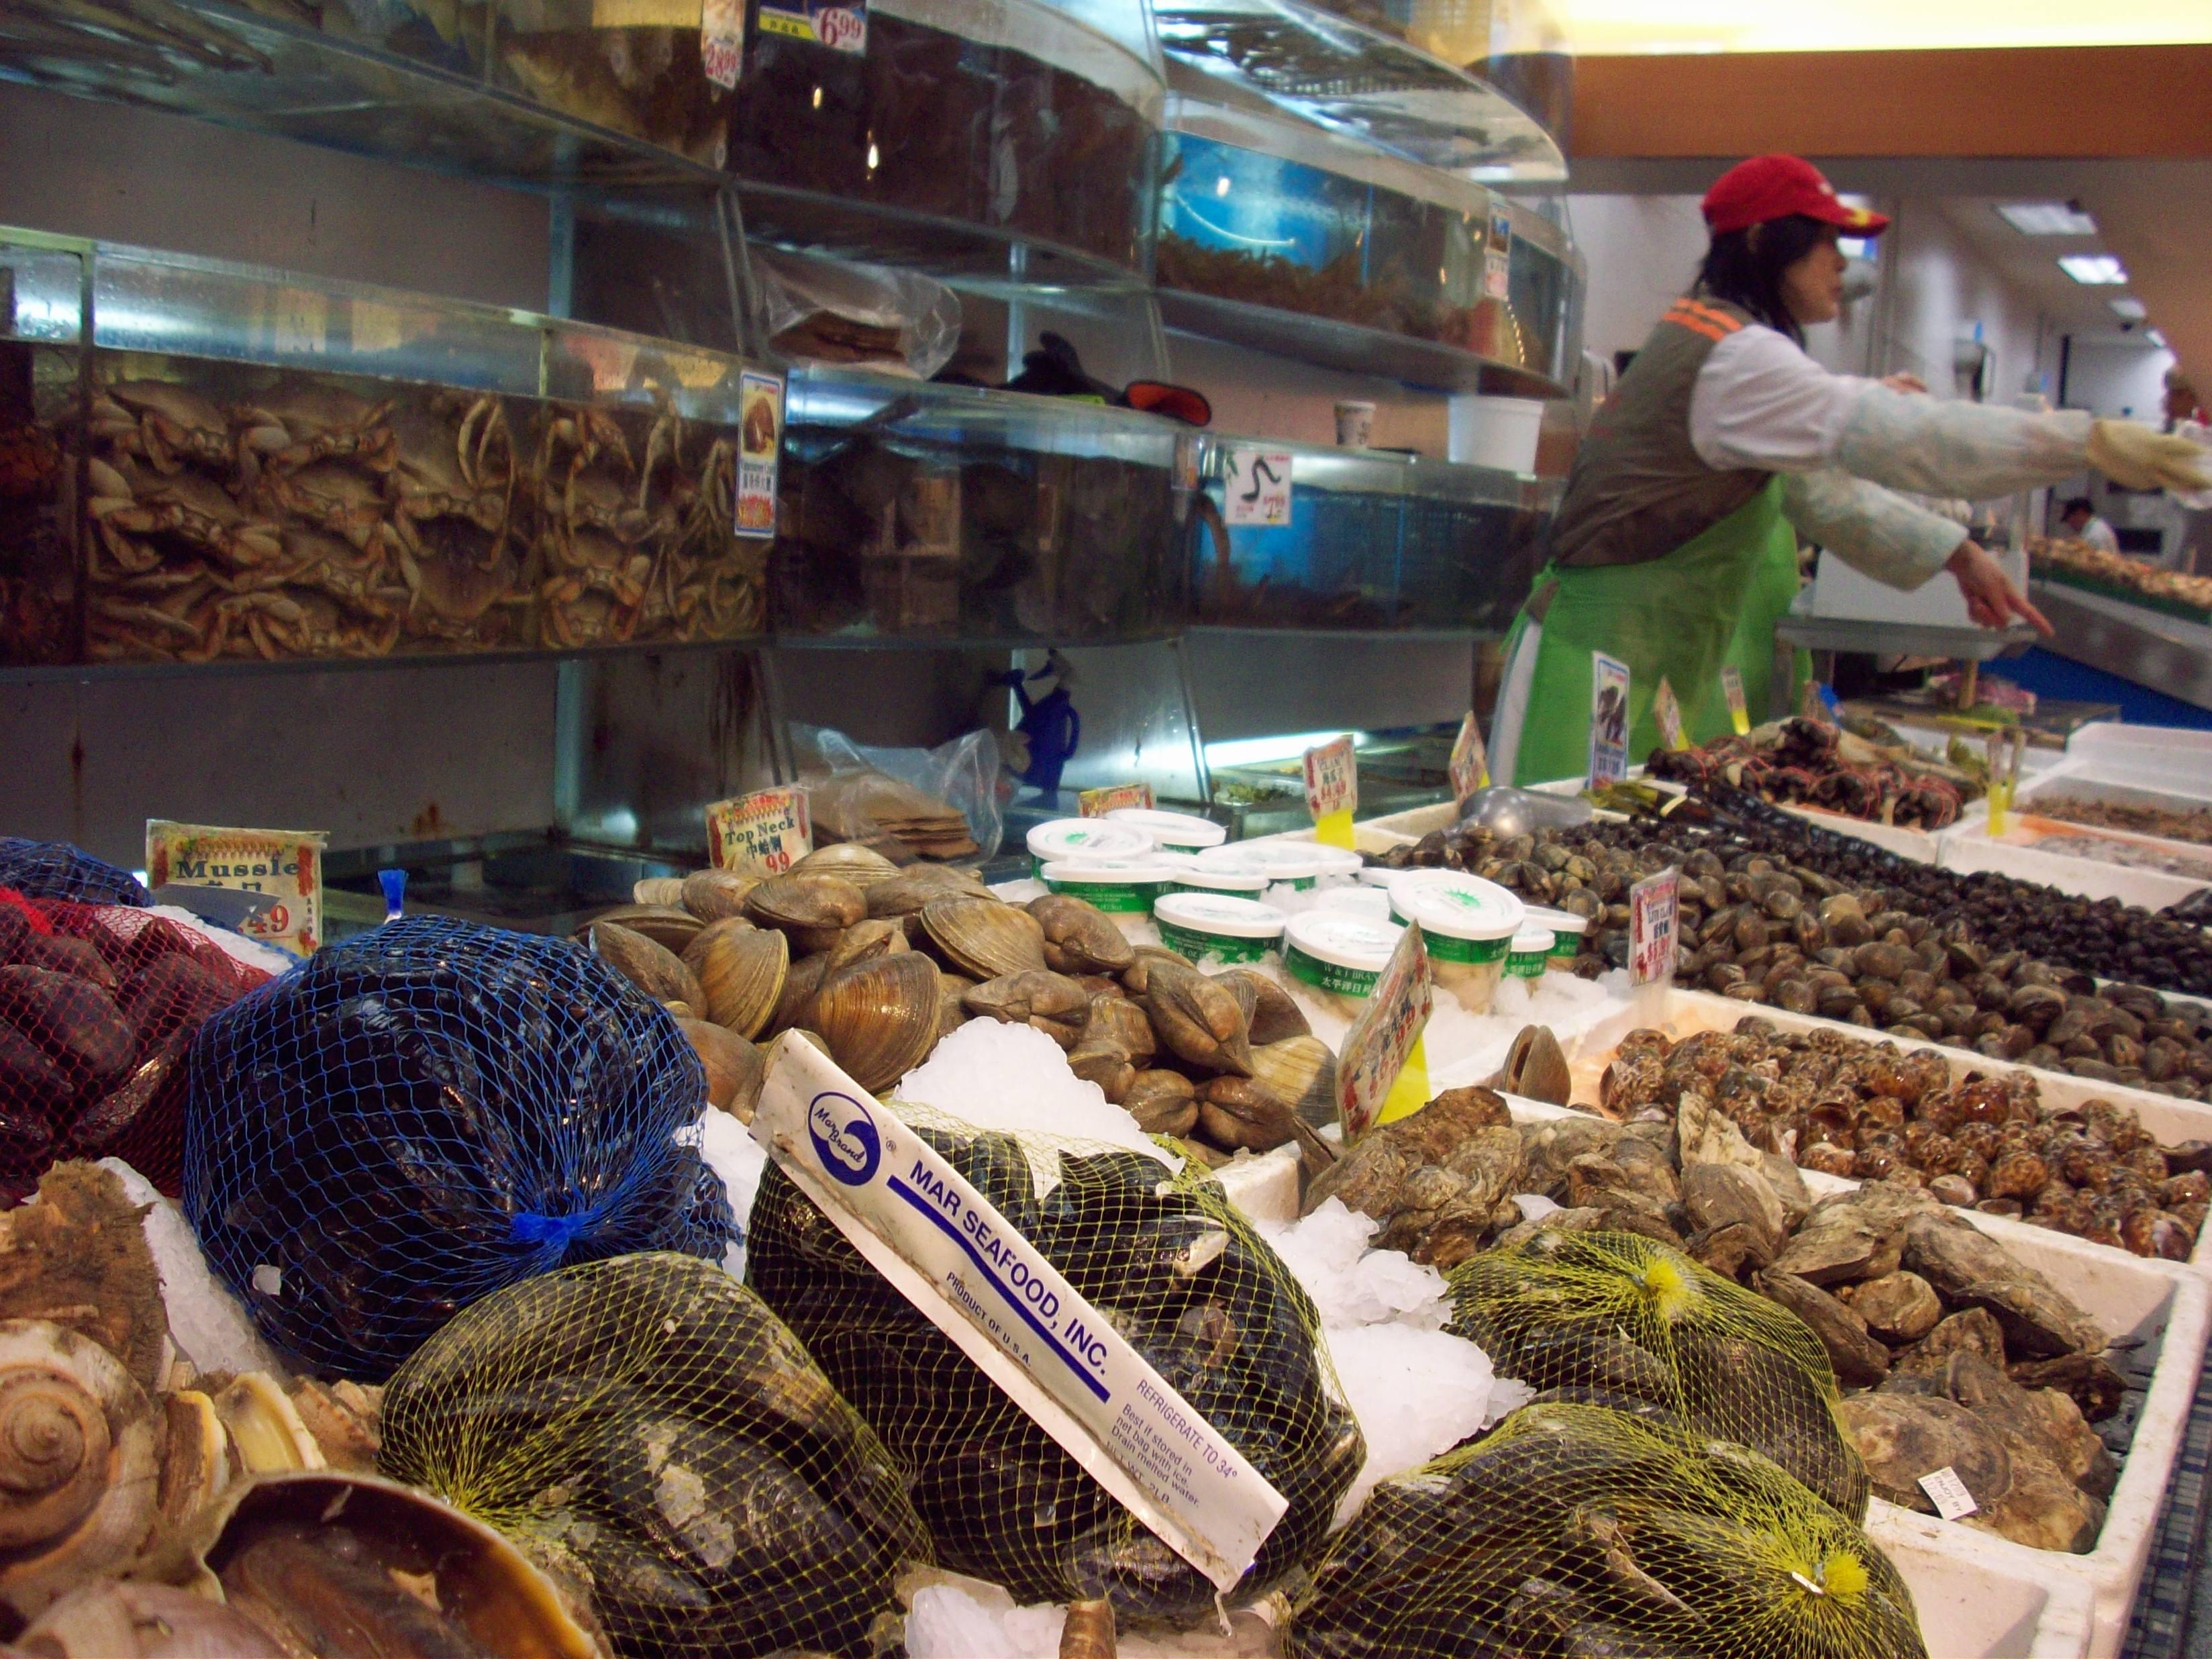 Local718 queens neighborhood update 11 23 09 one day in for Fish market queens